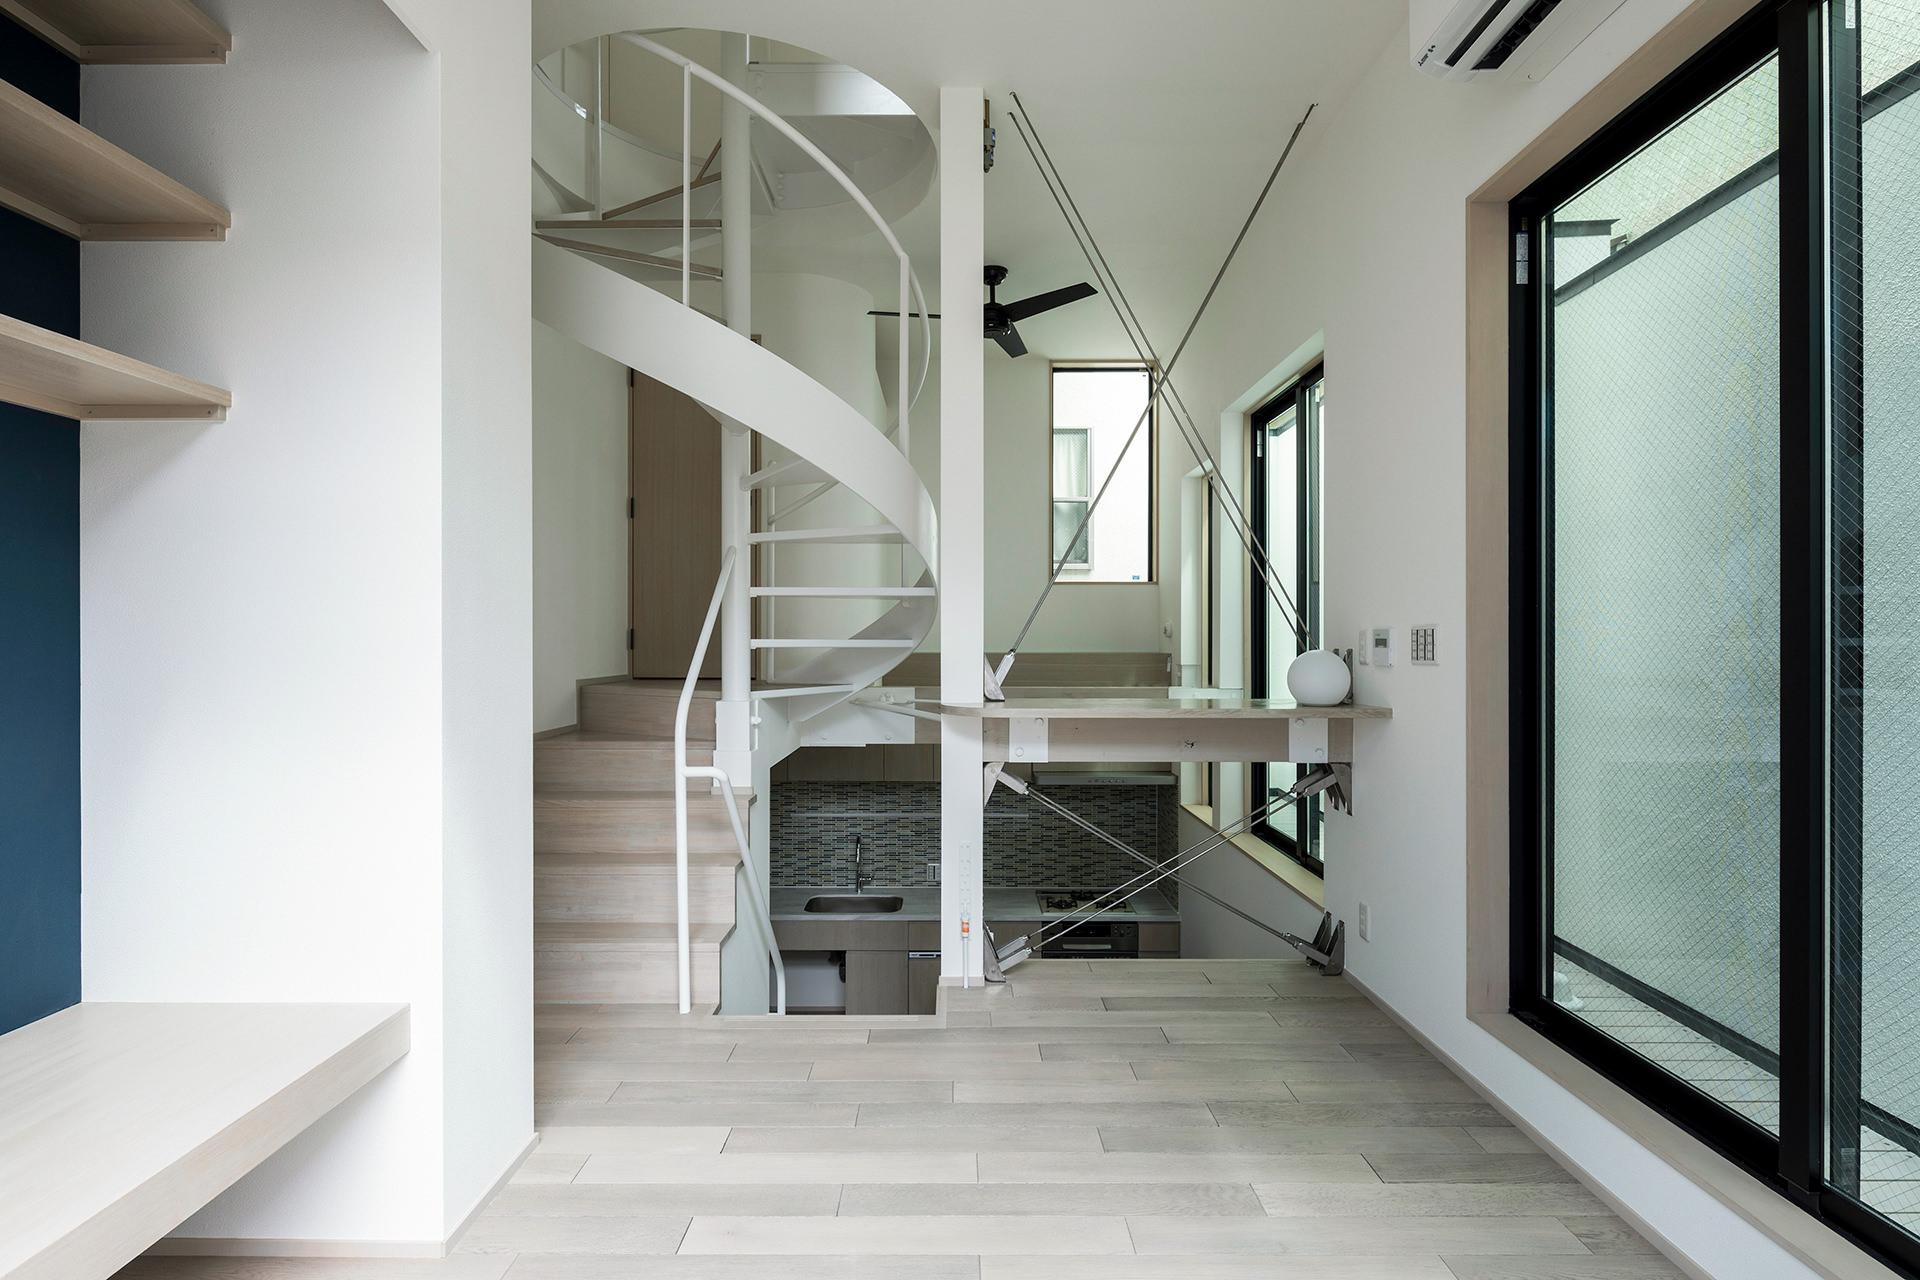 「6坪の家」 イメージ6 撮影:東涌写真事務所・東涌宏和